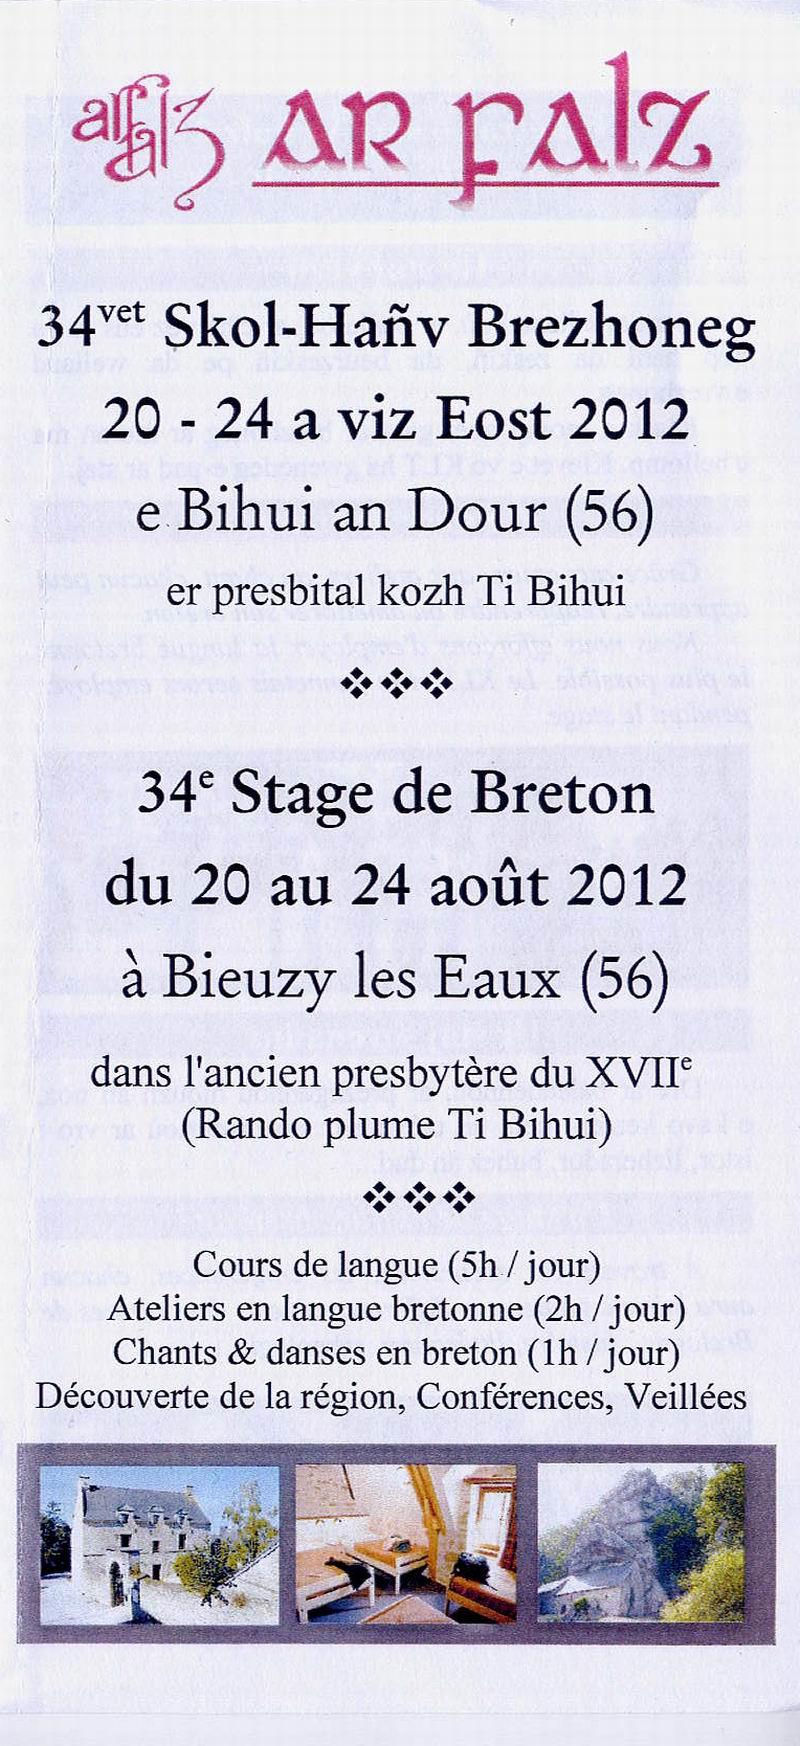 Skol-Hañv Brezhoneg gant Ar Falz (20-24 a viz Eost 2012) File0206